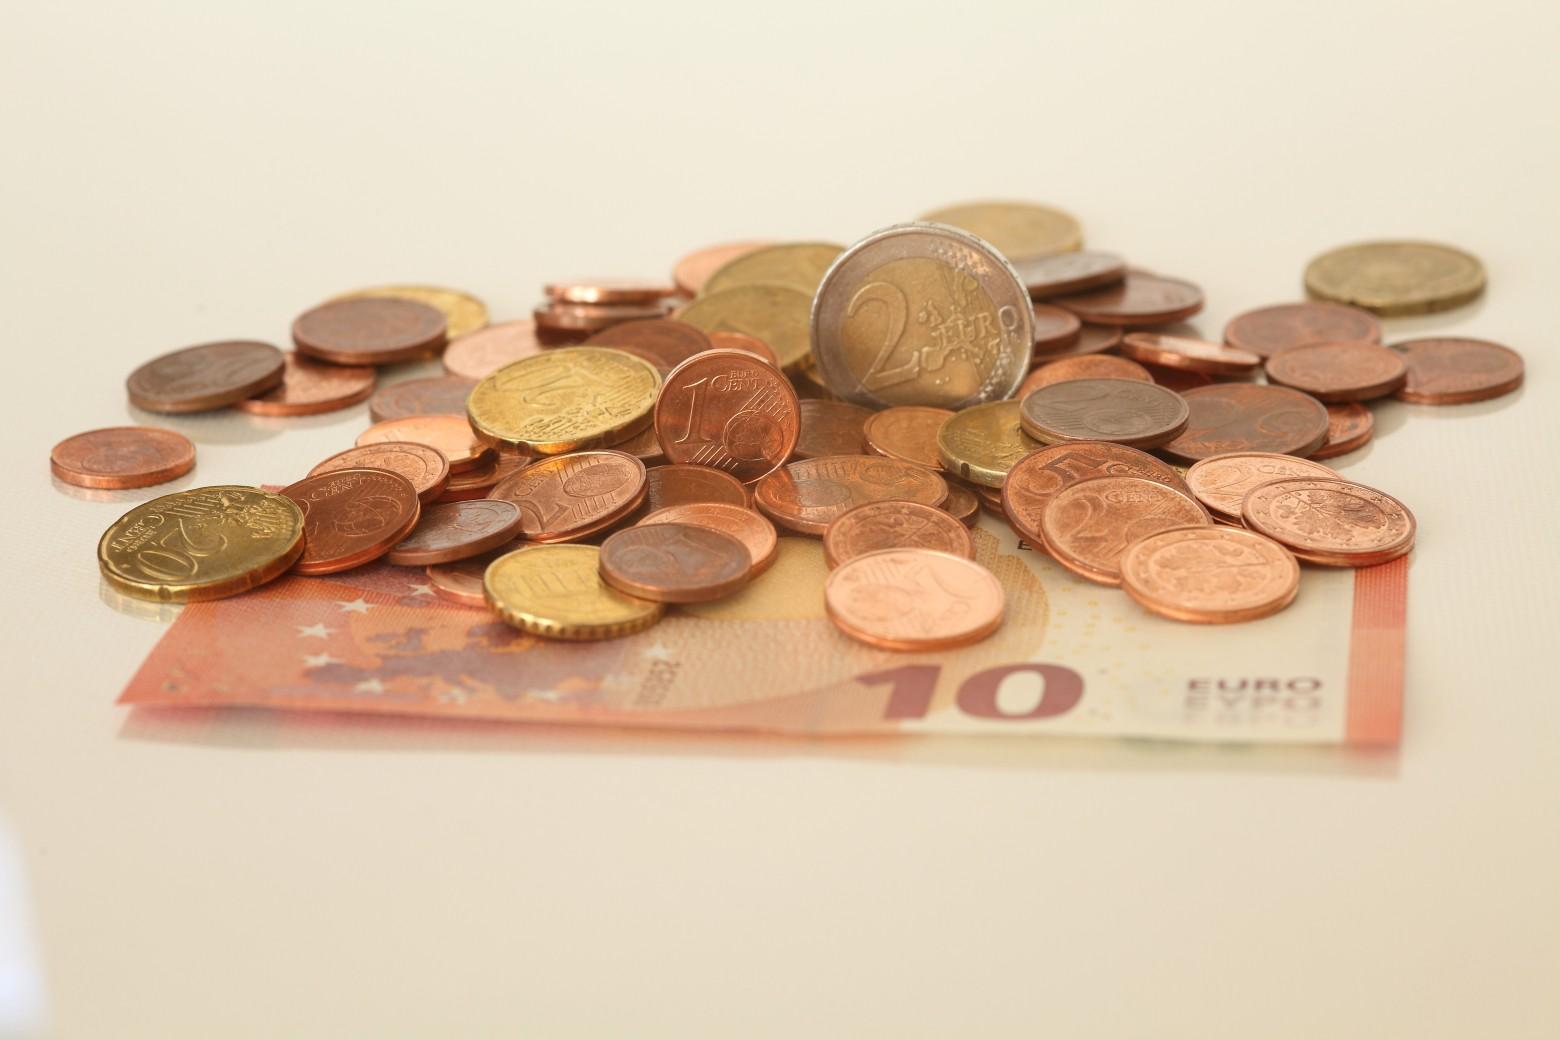 Astuces Pour Faire Des Économies Sur Les Courses mes 10 astuces pour économiser